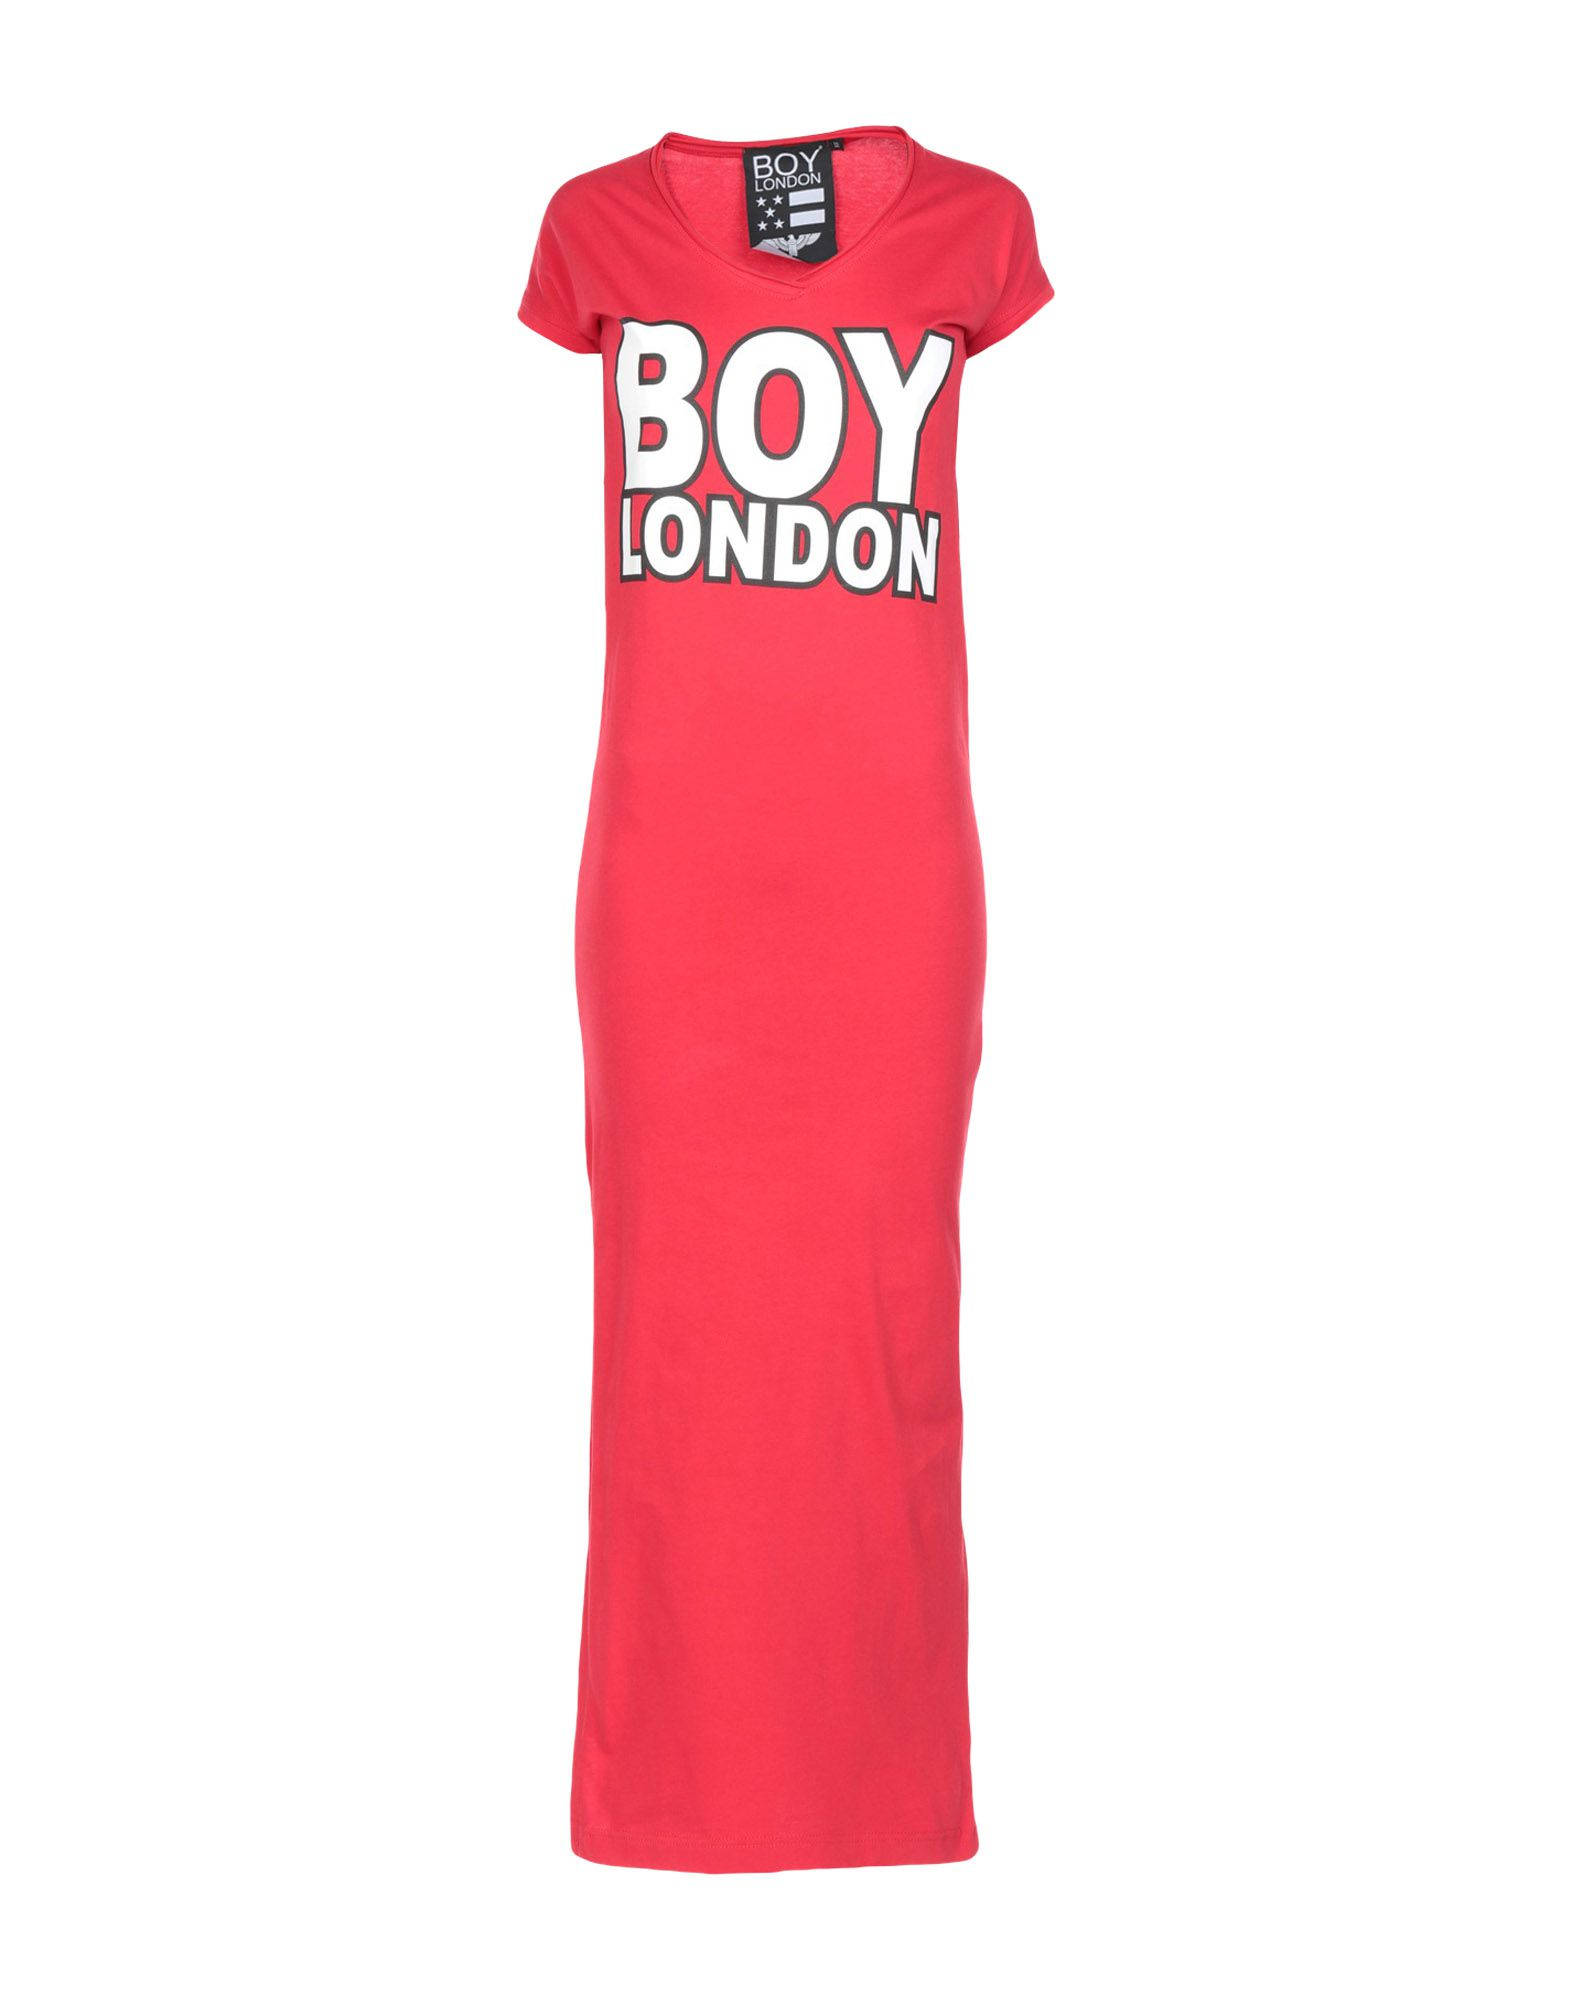 Фото - BOY LONDON Длинное платье boy london длинное платье